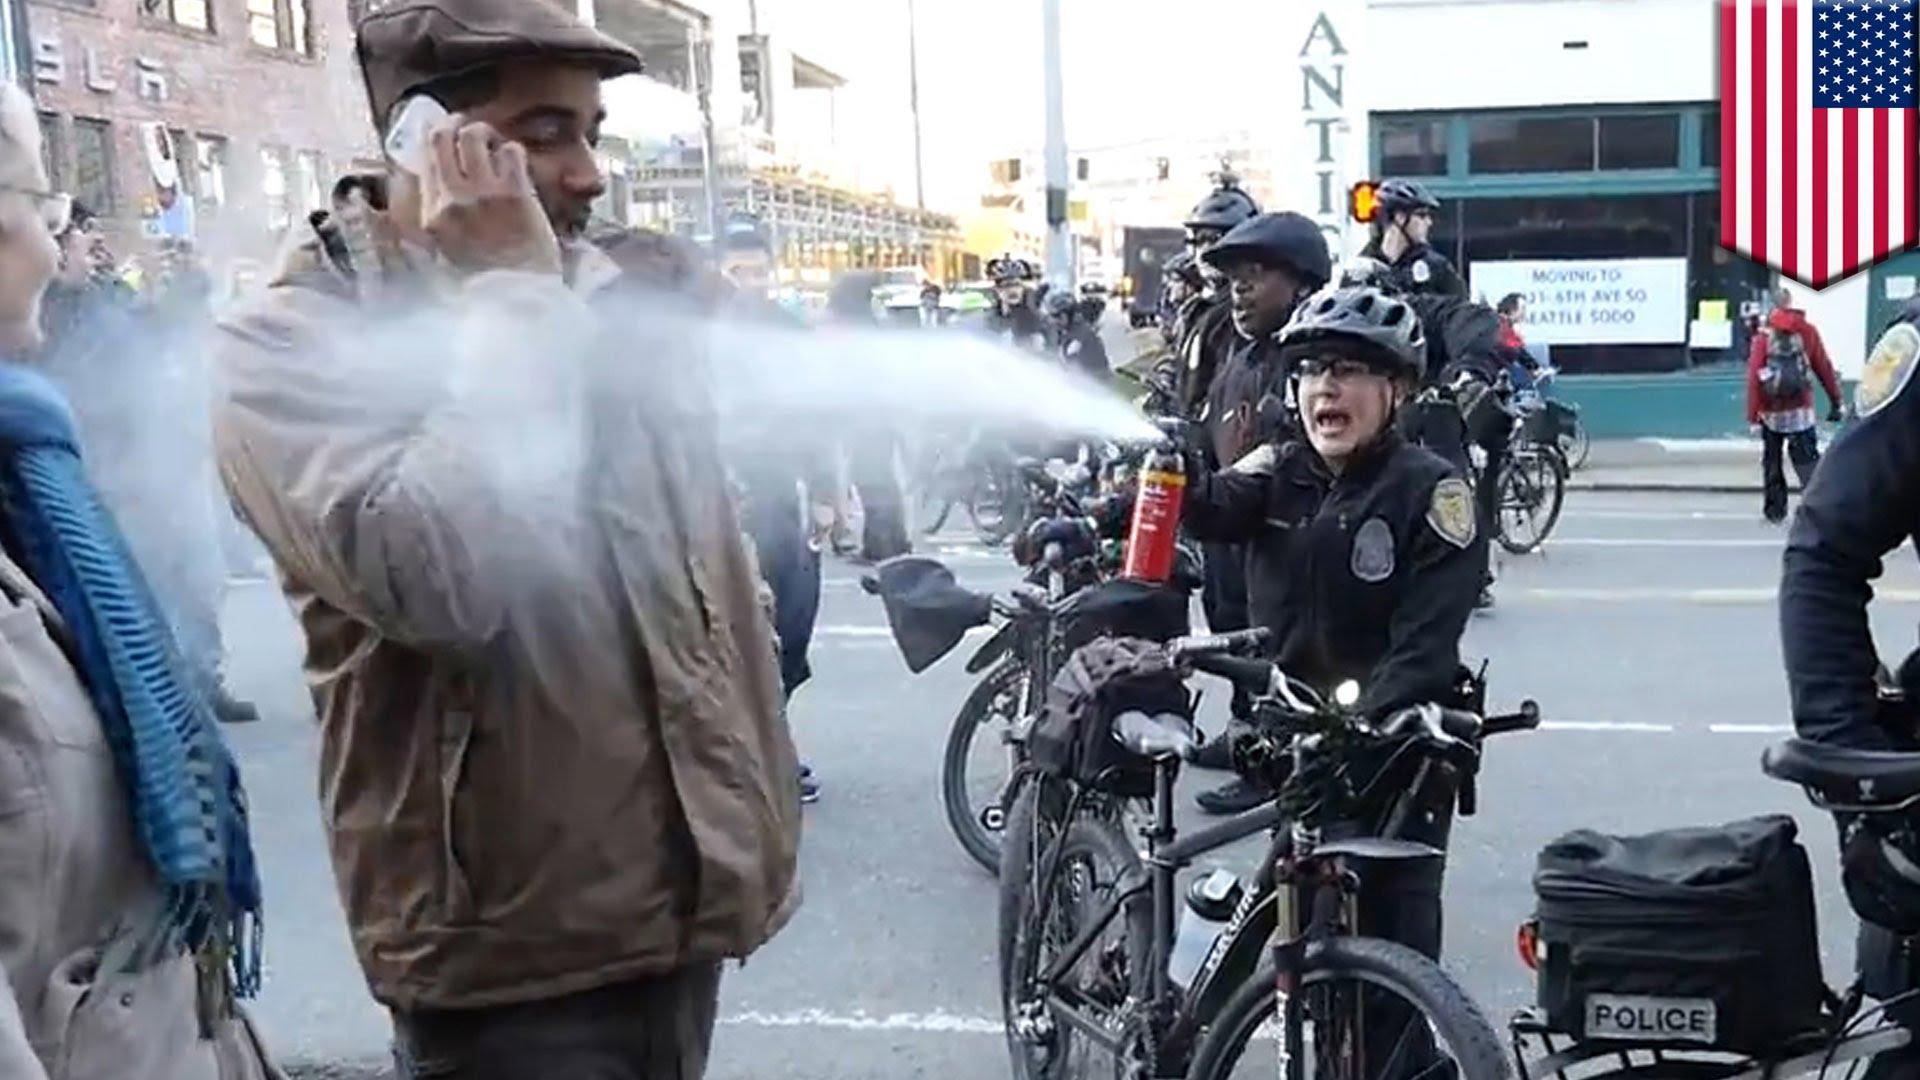 KAKO JE NASTALA POLICIJA – POSTOJI LI DOBAR POLICAJAC? – 1. DIO